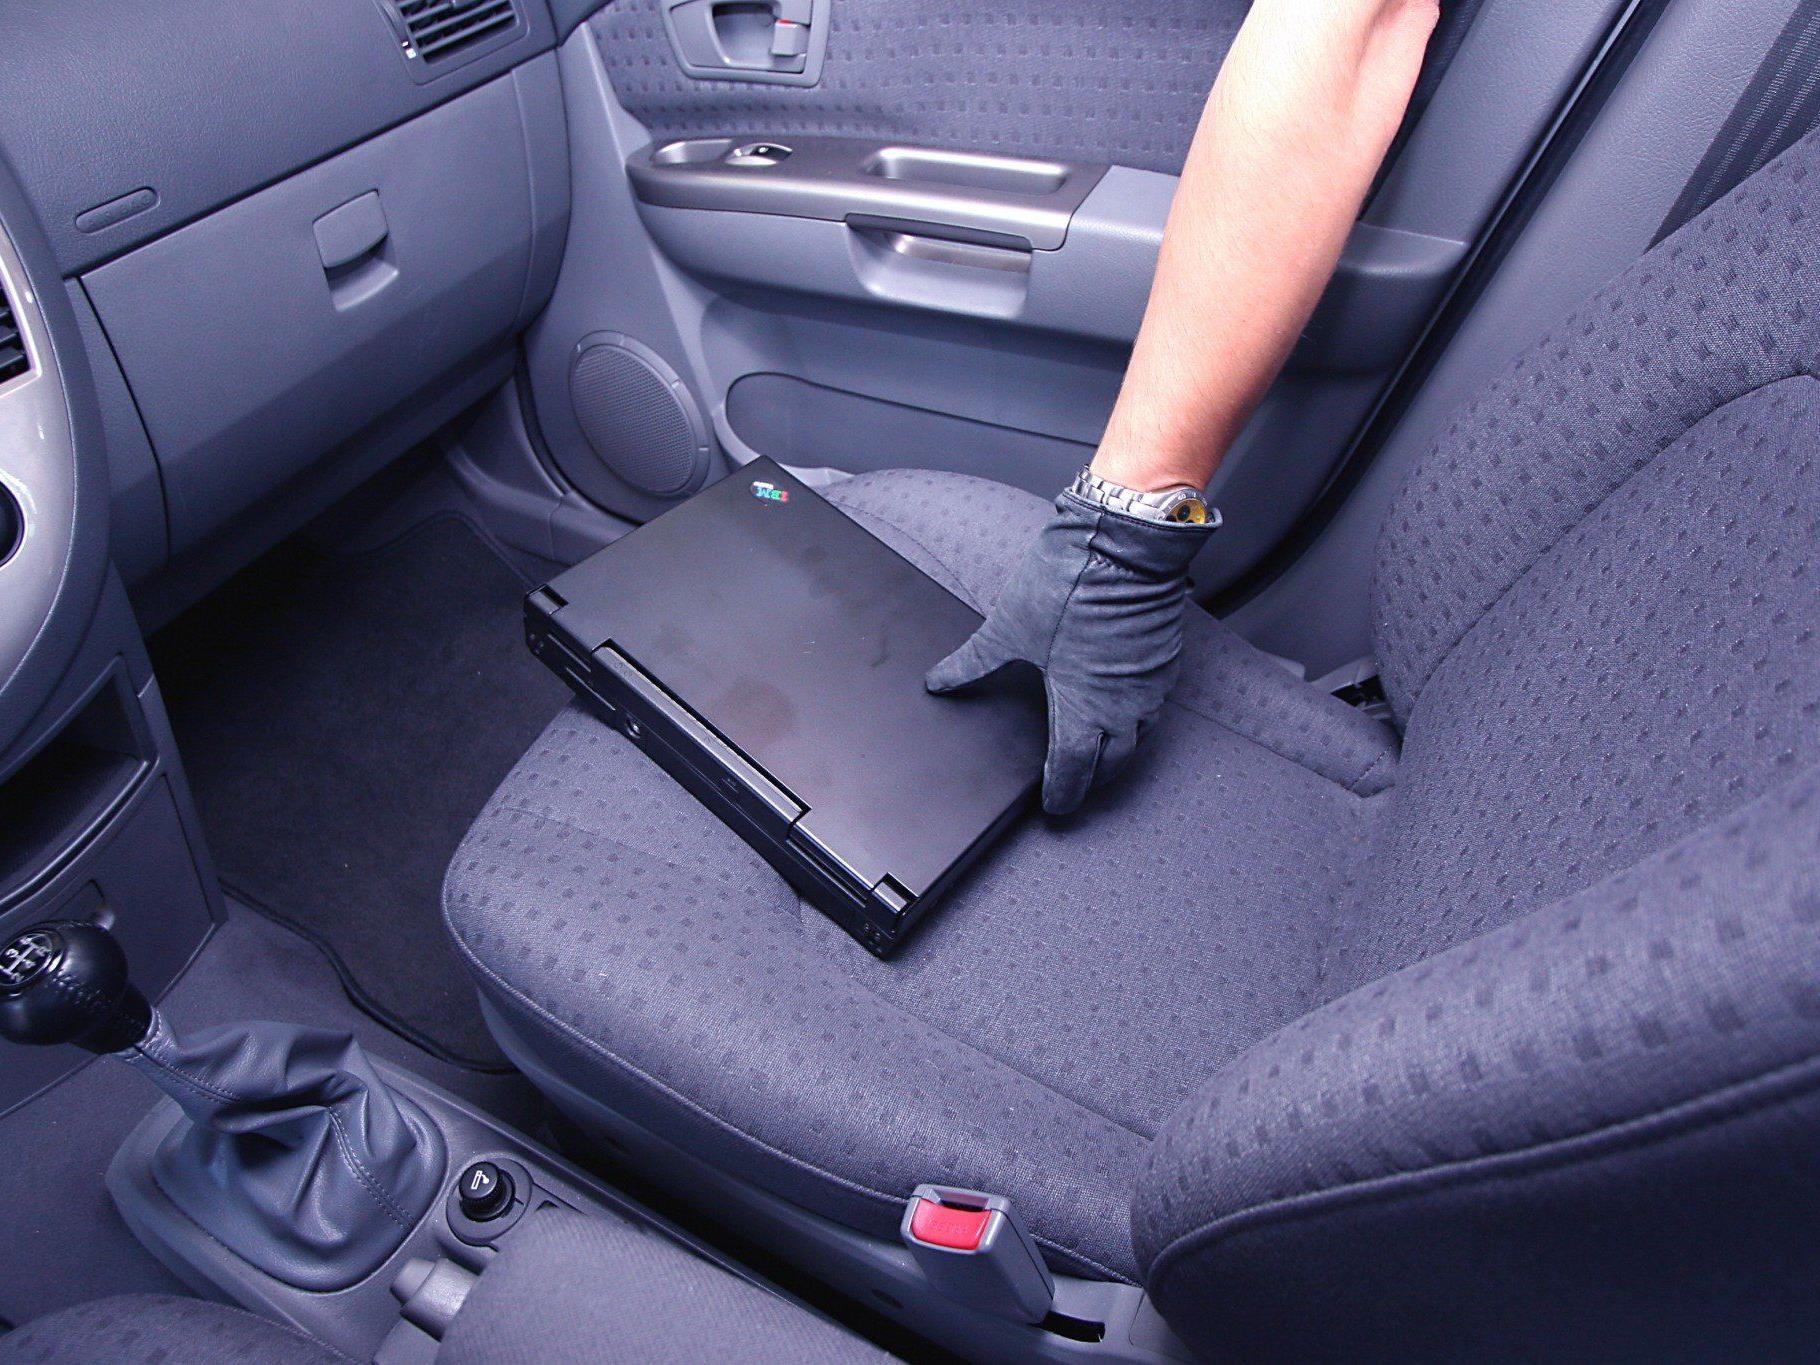 Wertgegenstände sollten unbedingt im Fahrzeug versteckt werden.